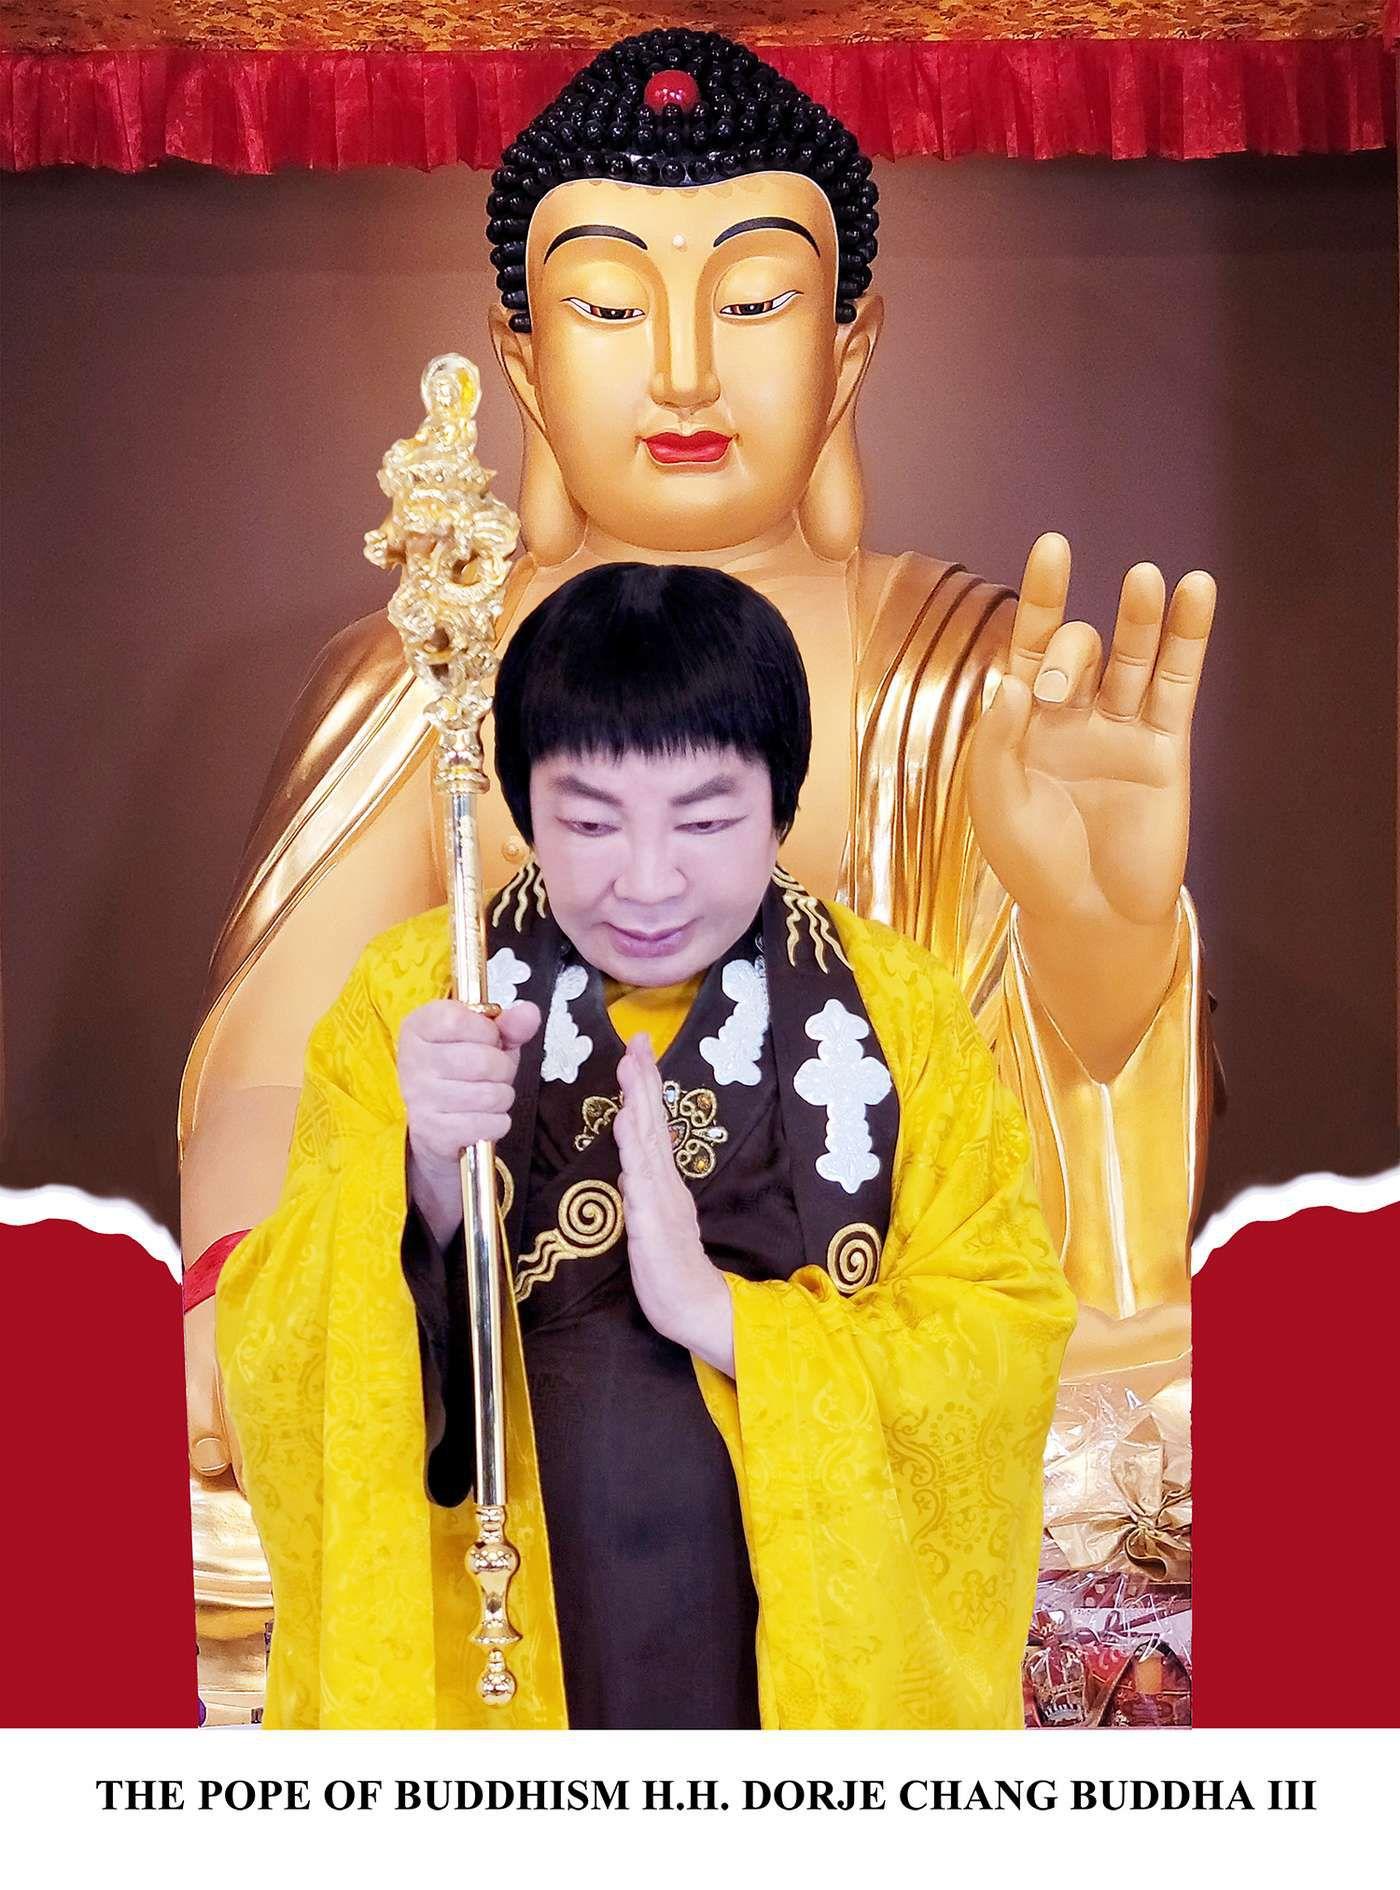 佛教教皇的出現是全世界佛教徒們的福音(黎多吉)